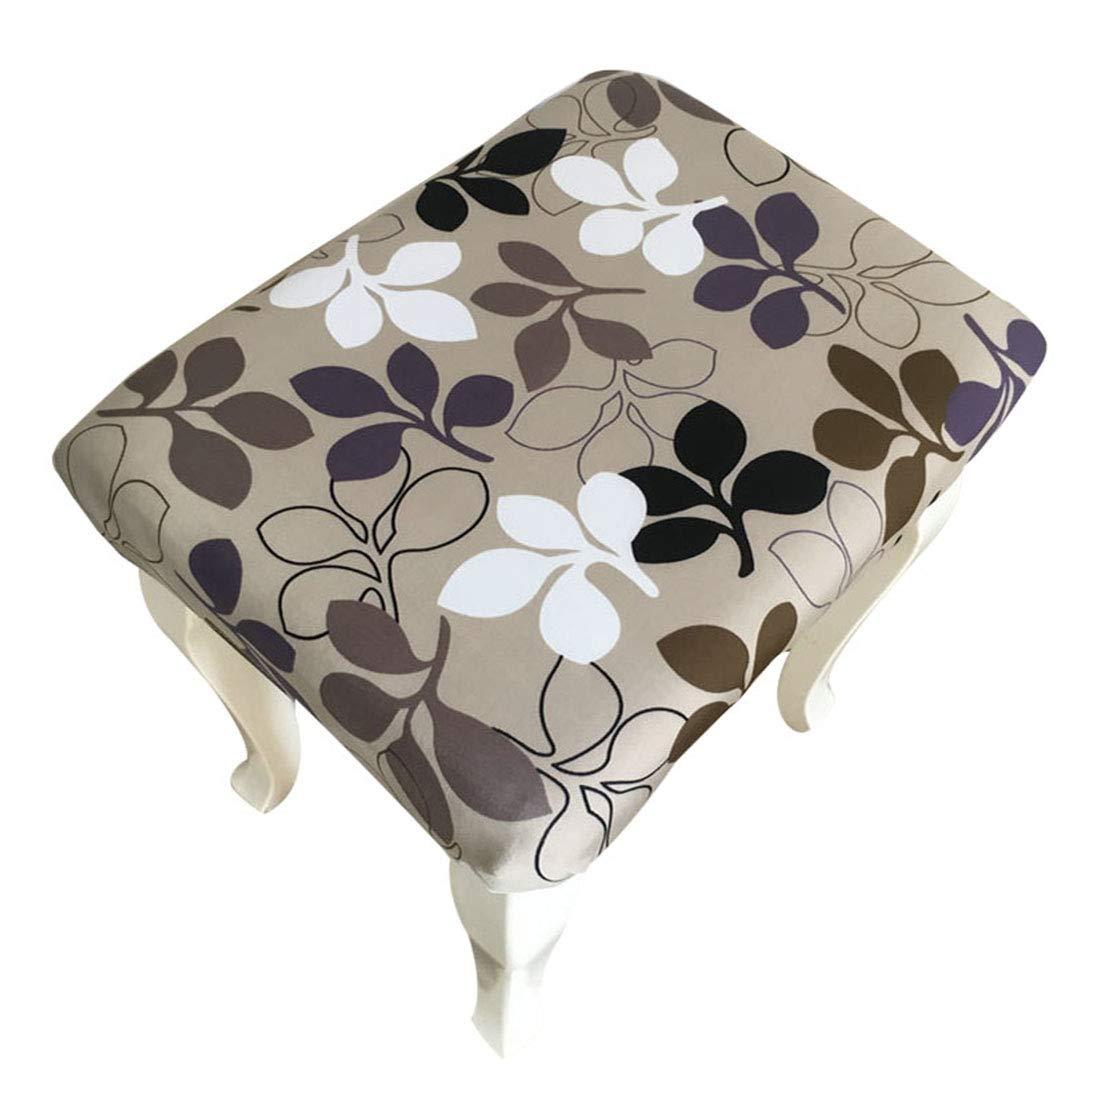 YUENA CARE Housse de Tabouret Chaise Remplacement Couverture de Chaise Extensible Polyester Spandex Couvre Tabouret 40 30cm//15.75 11.81 #1